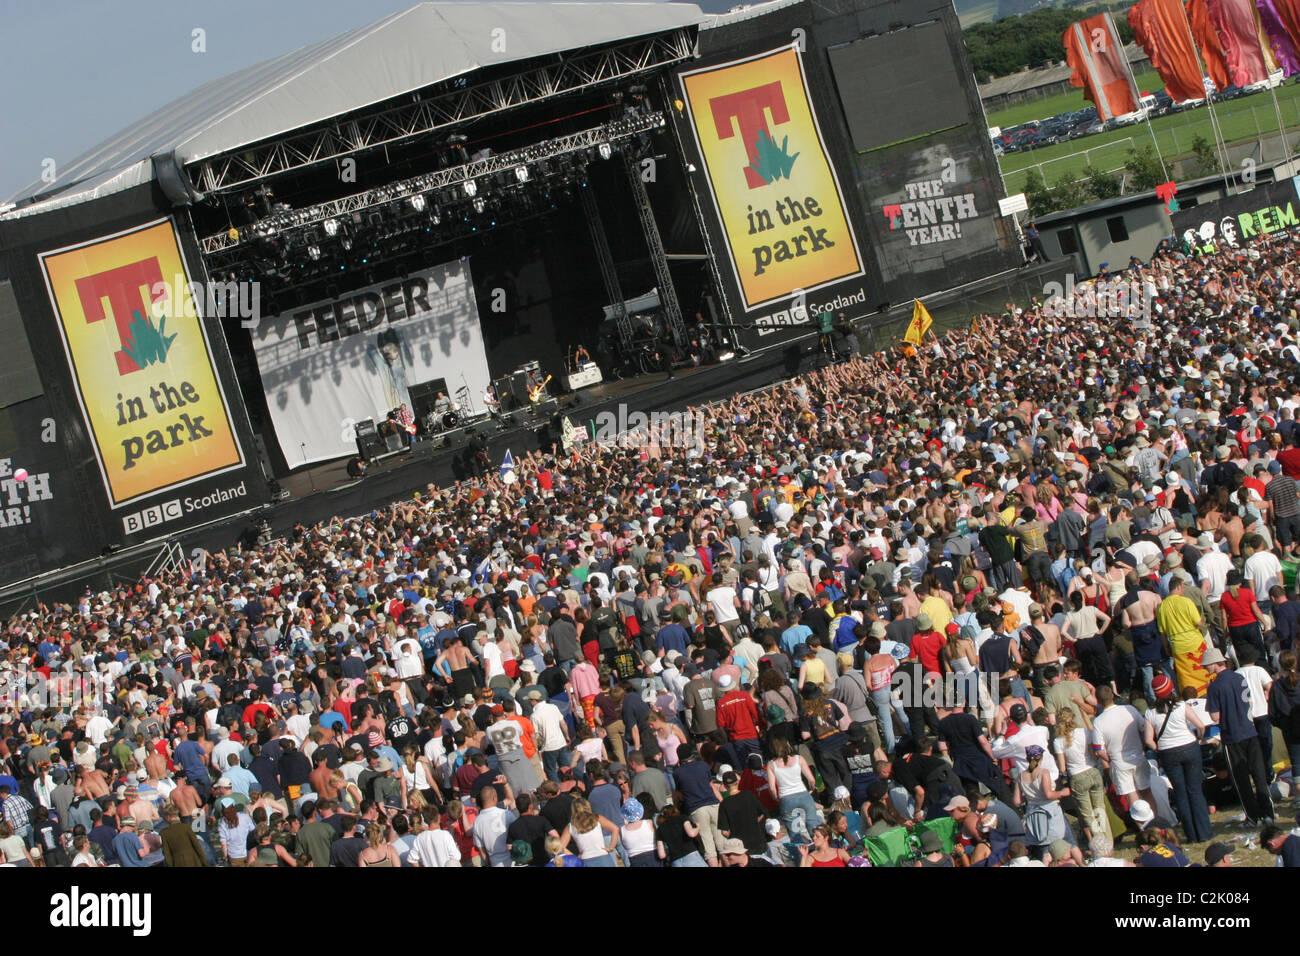 """'T en el Parque"""", festival anual de música, en Balado, en Escocia. Imagen De Stock"""